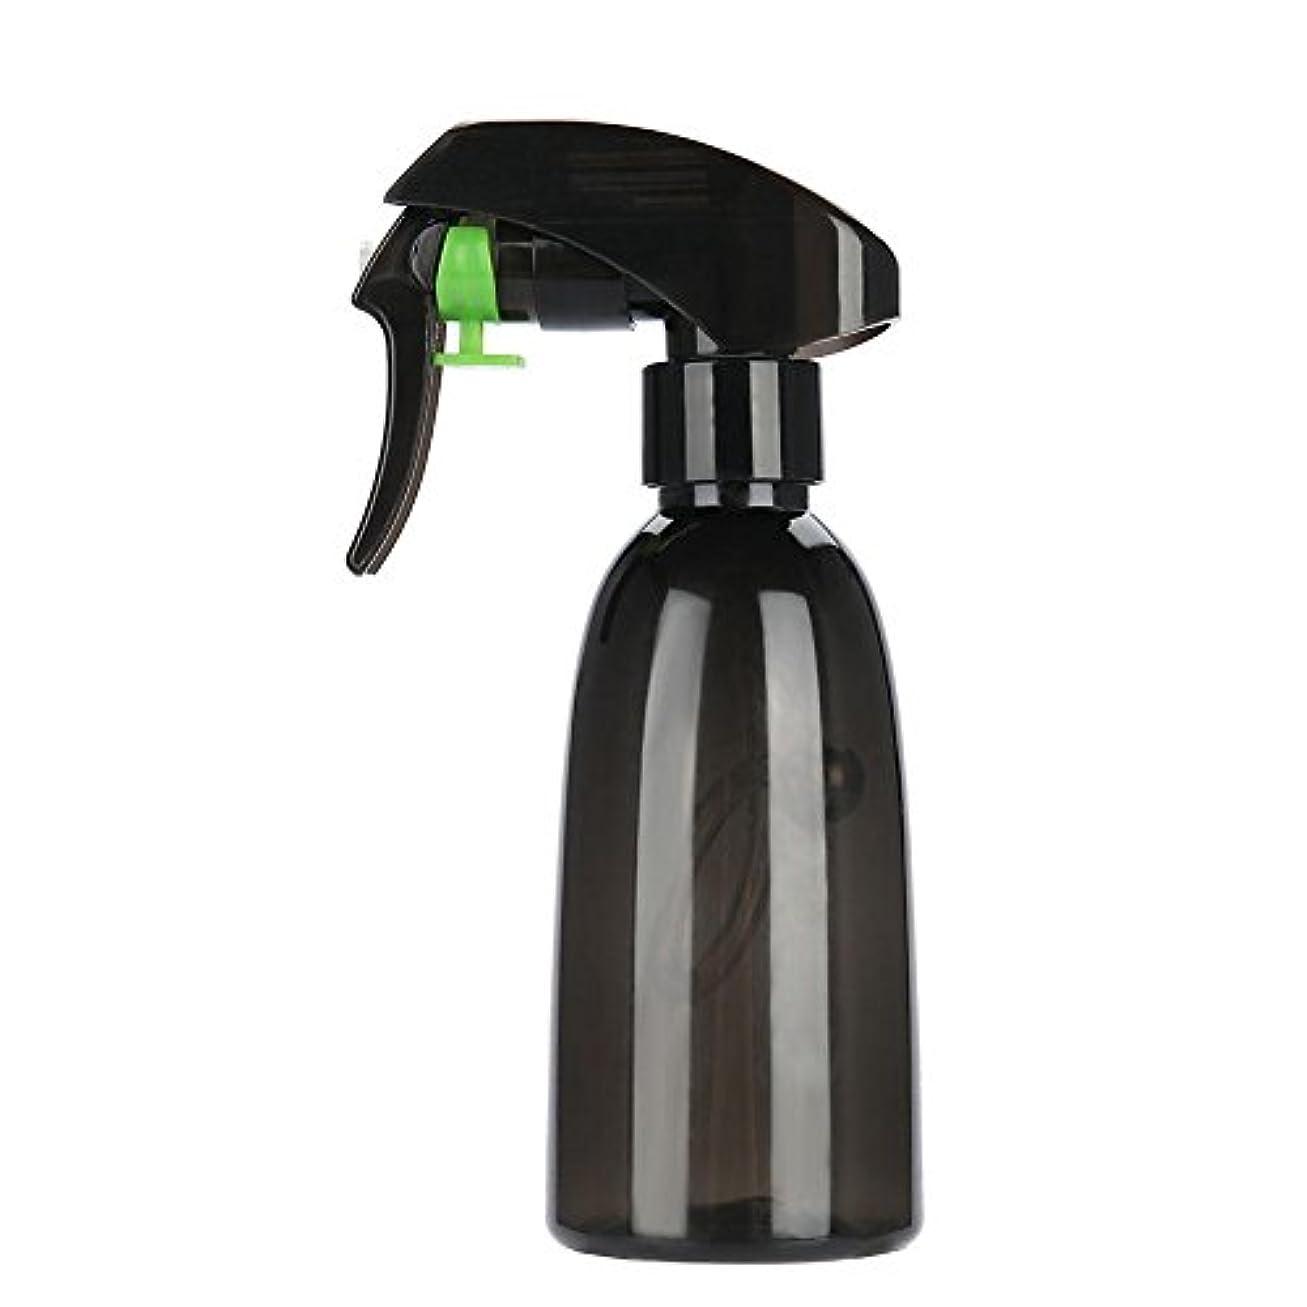 干ばつ騒ぎ長さ水スプレー、2色詰め替え式プラスチック理髪スプレーボトル水スプレーサロン理容ツール(ダークグリーン)